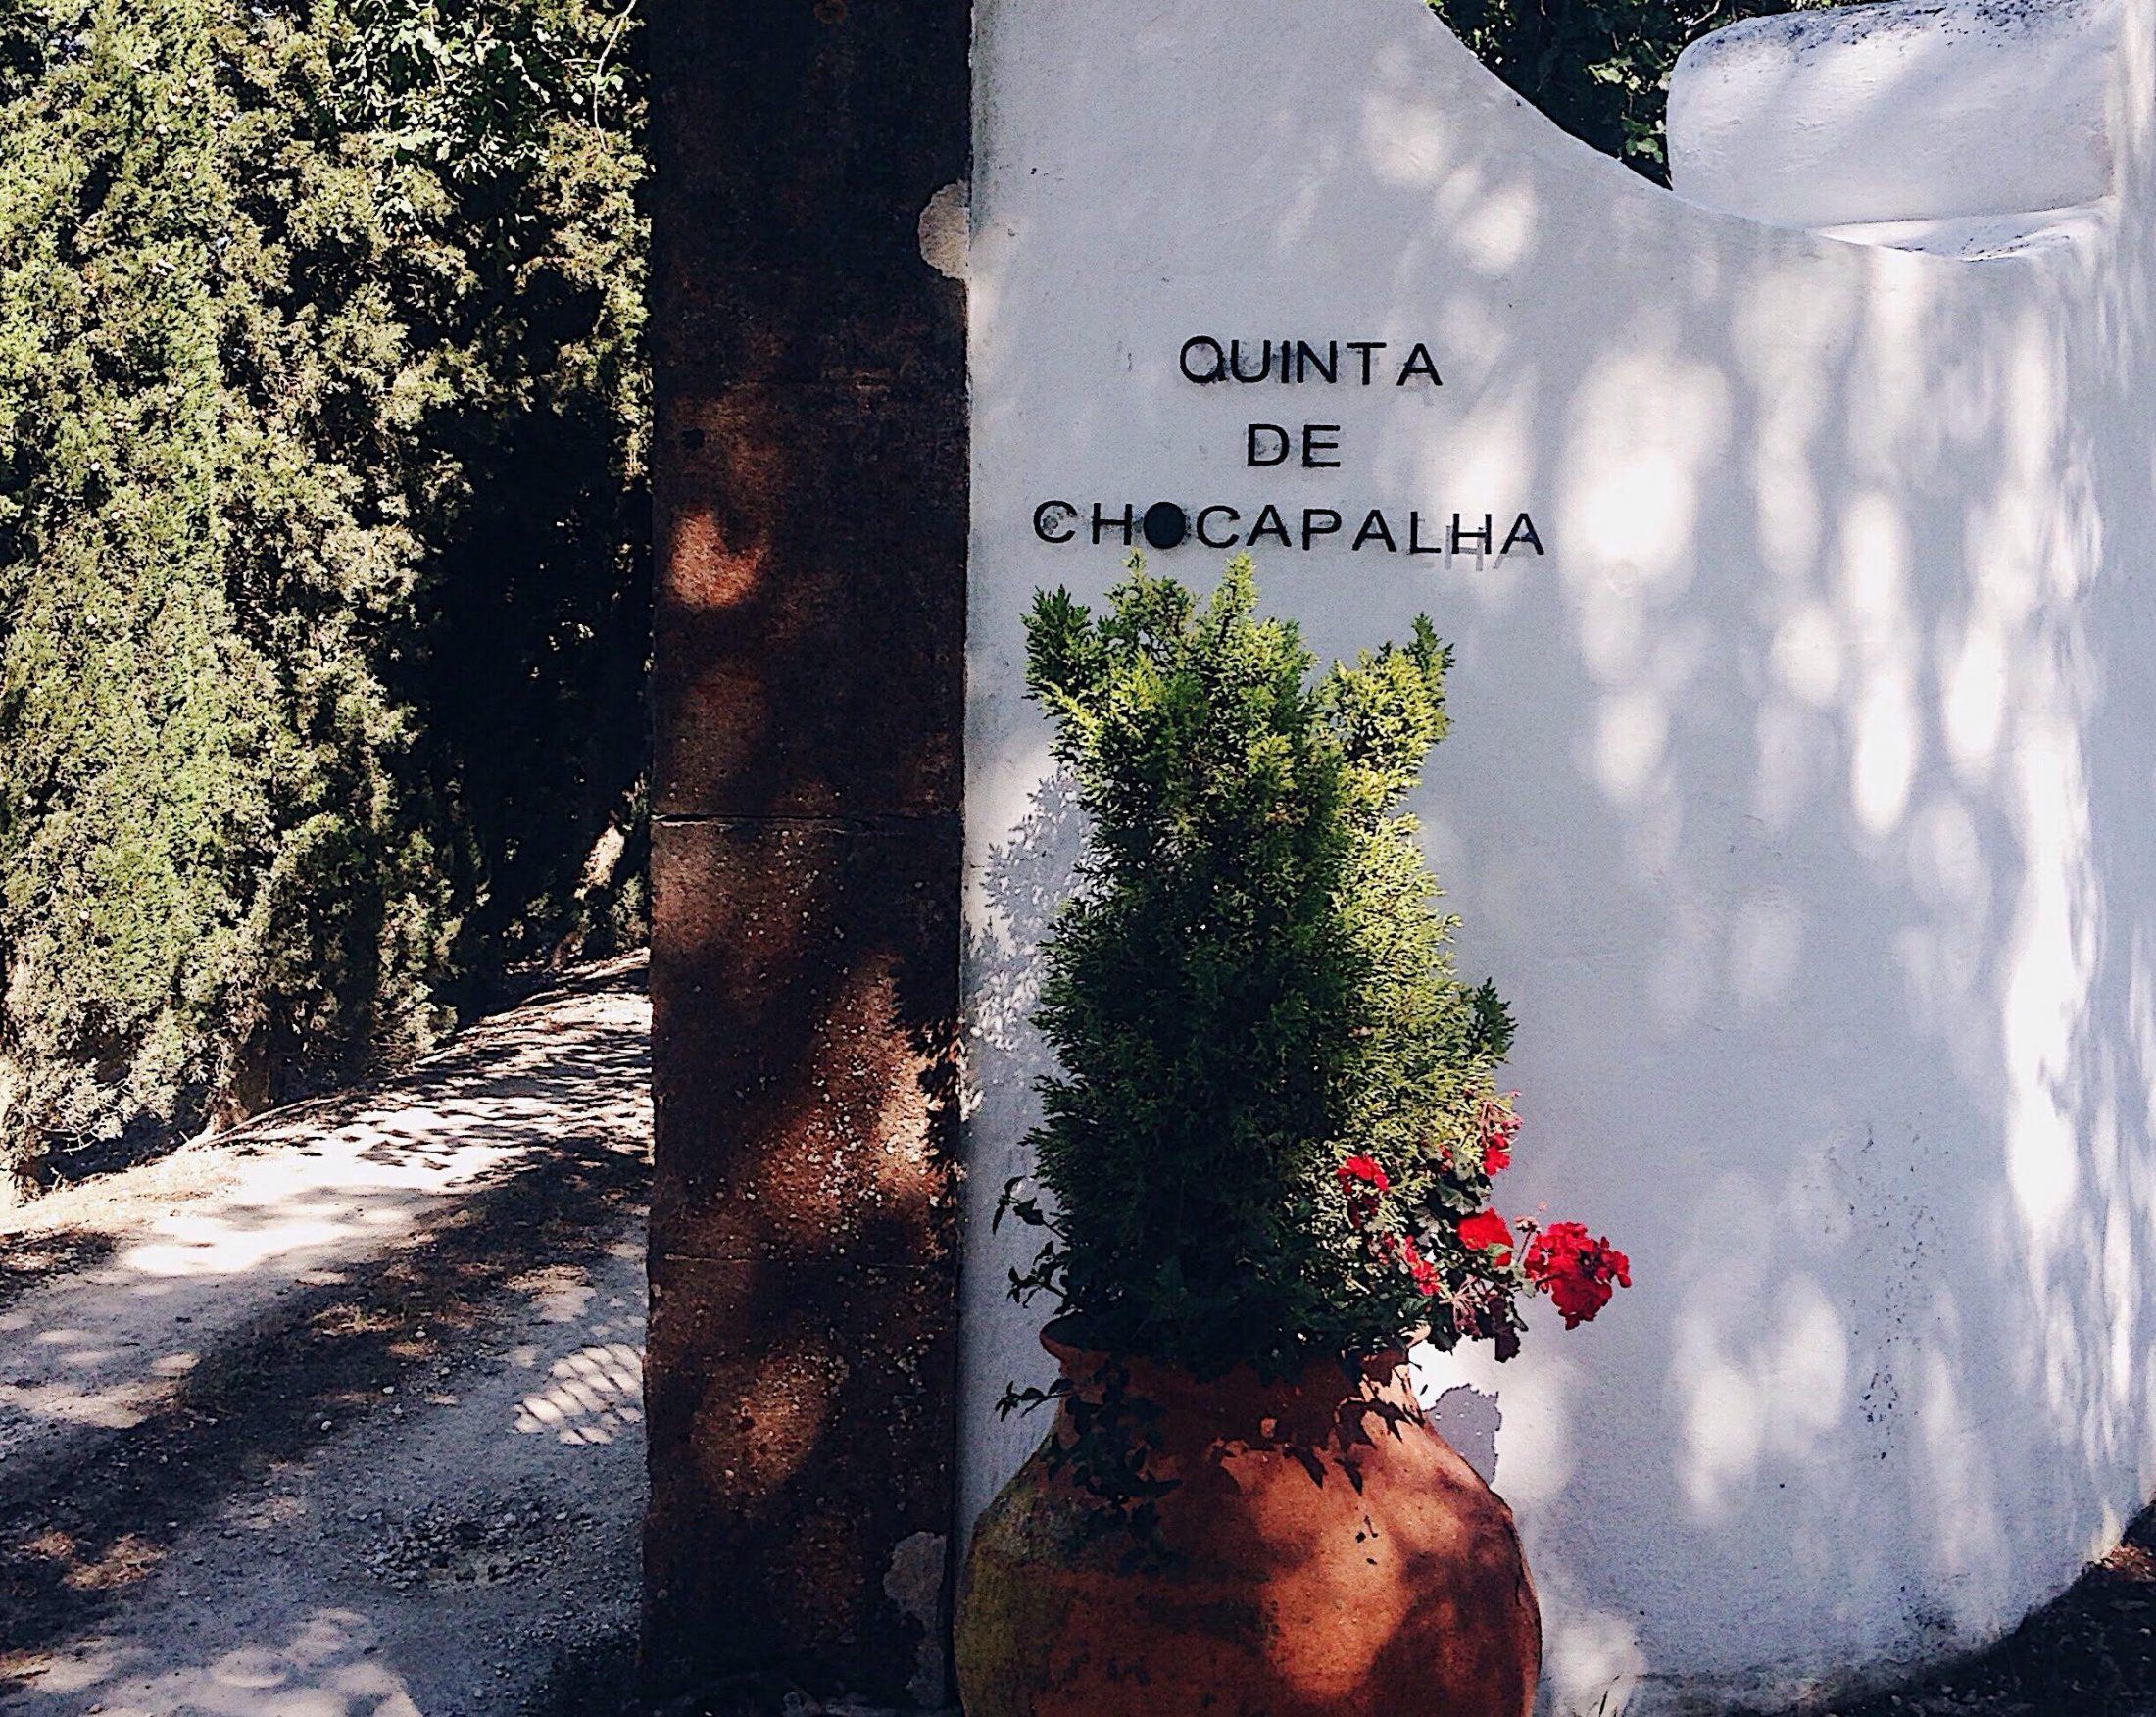 Quinta de Chocapalha